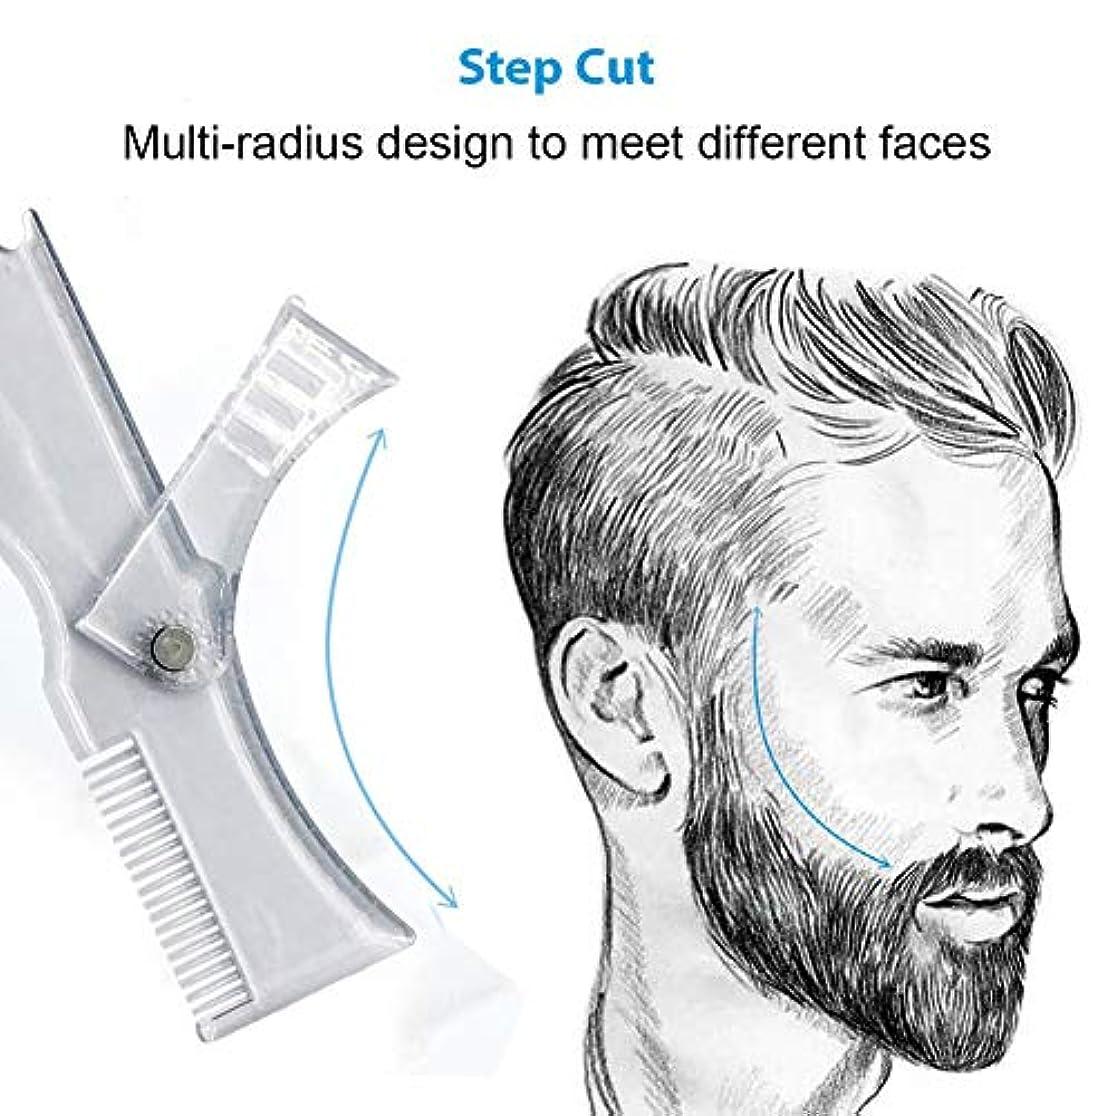 堤防半導体声を出してACHICOO ひげ櫛 回転 ひげ ブラシ 形状テンプレート 櫛 調整可能 スタイリング 角度 モデリング 理髪ツール 男性 メンズ